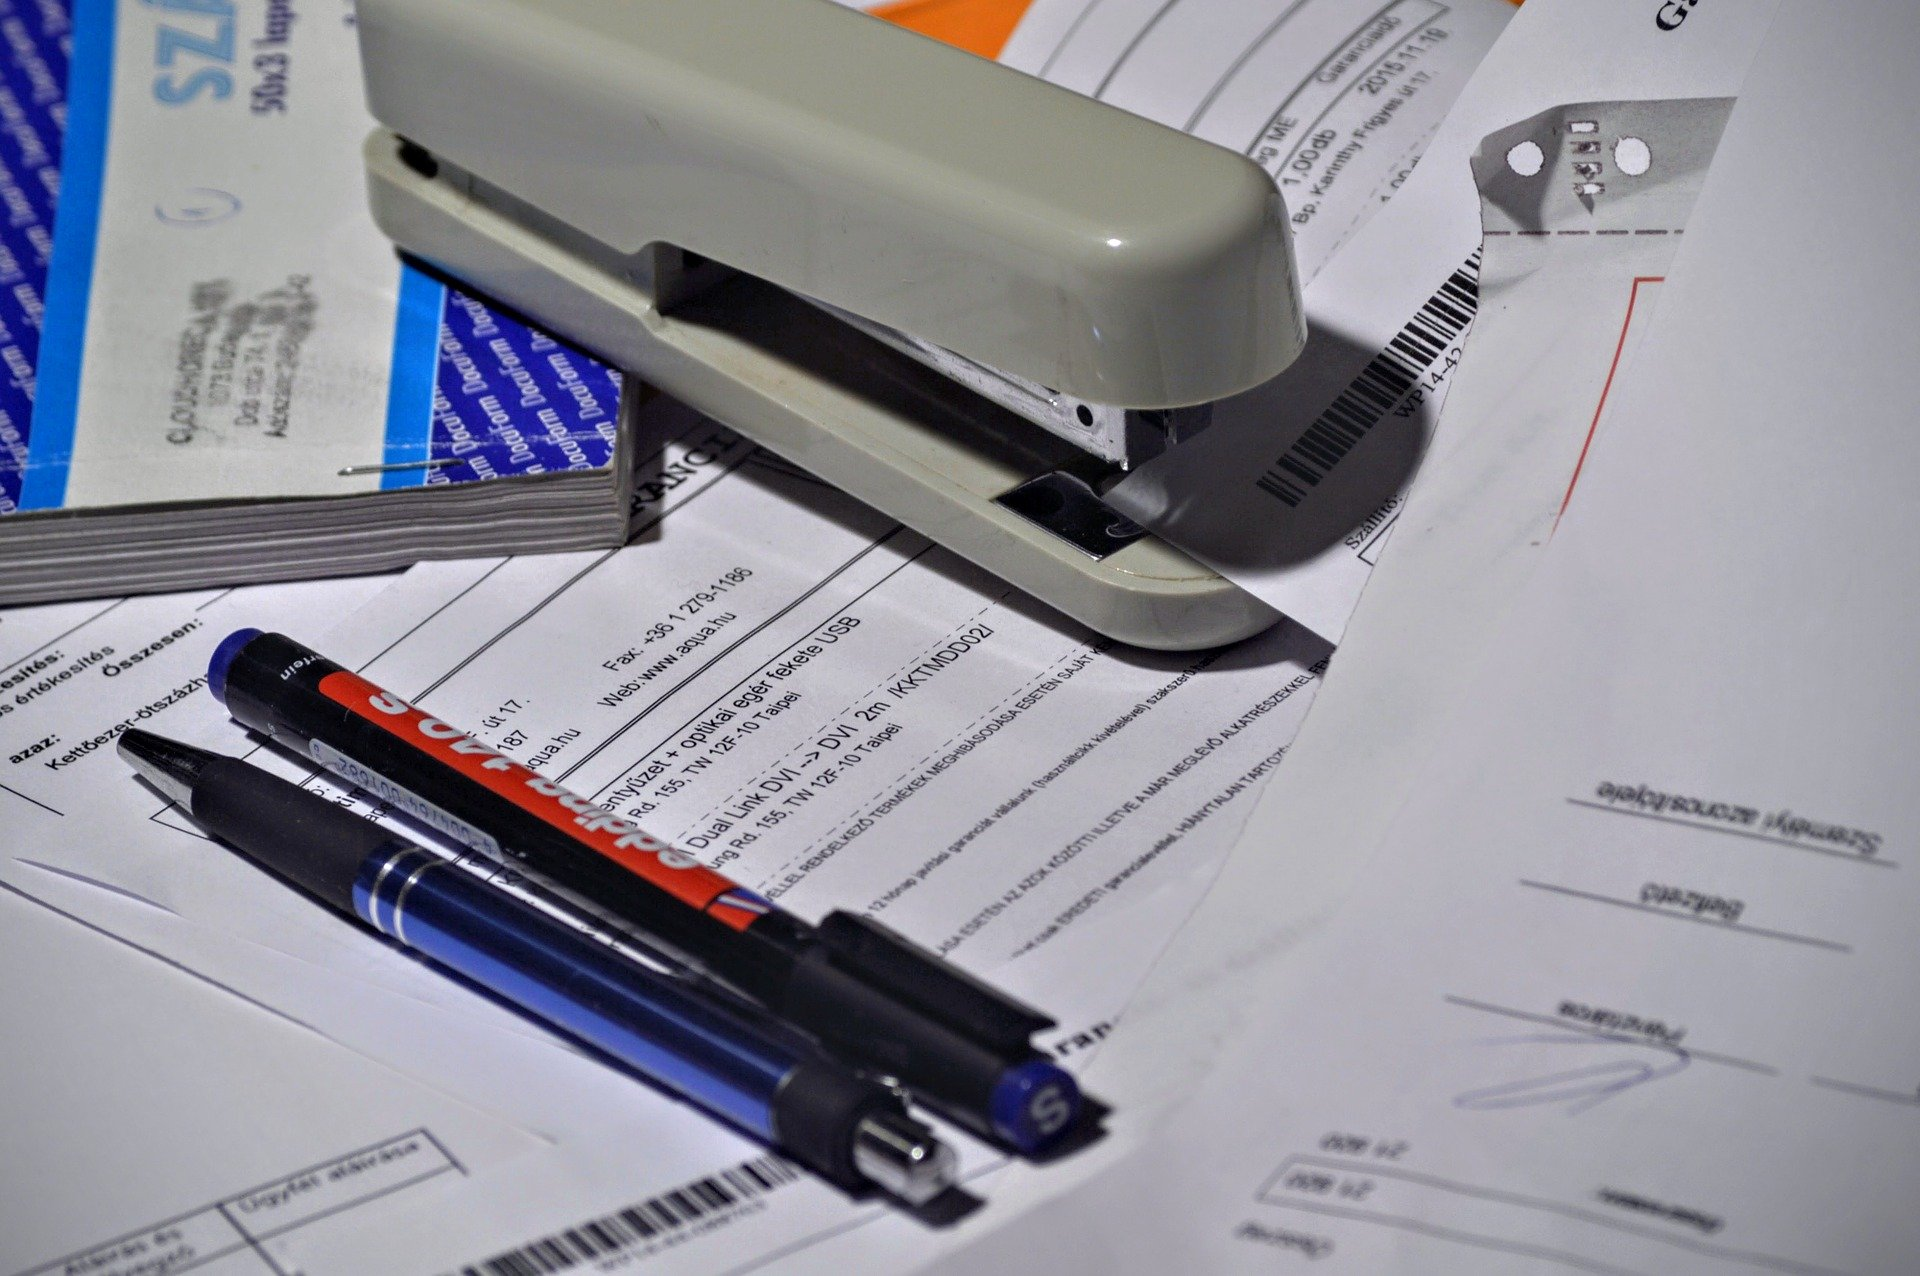 Рахунок-фактура, як договір, укладений у спрощений спосіб